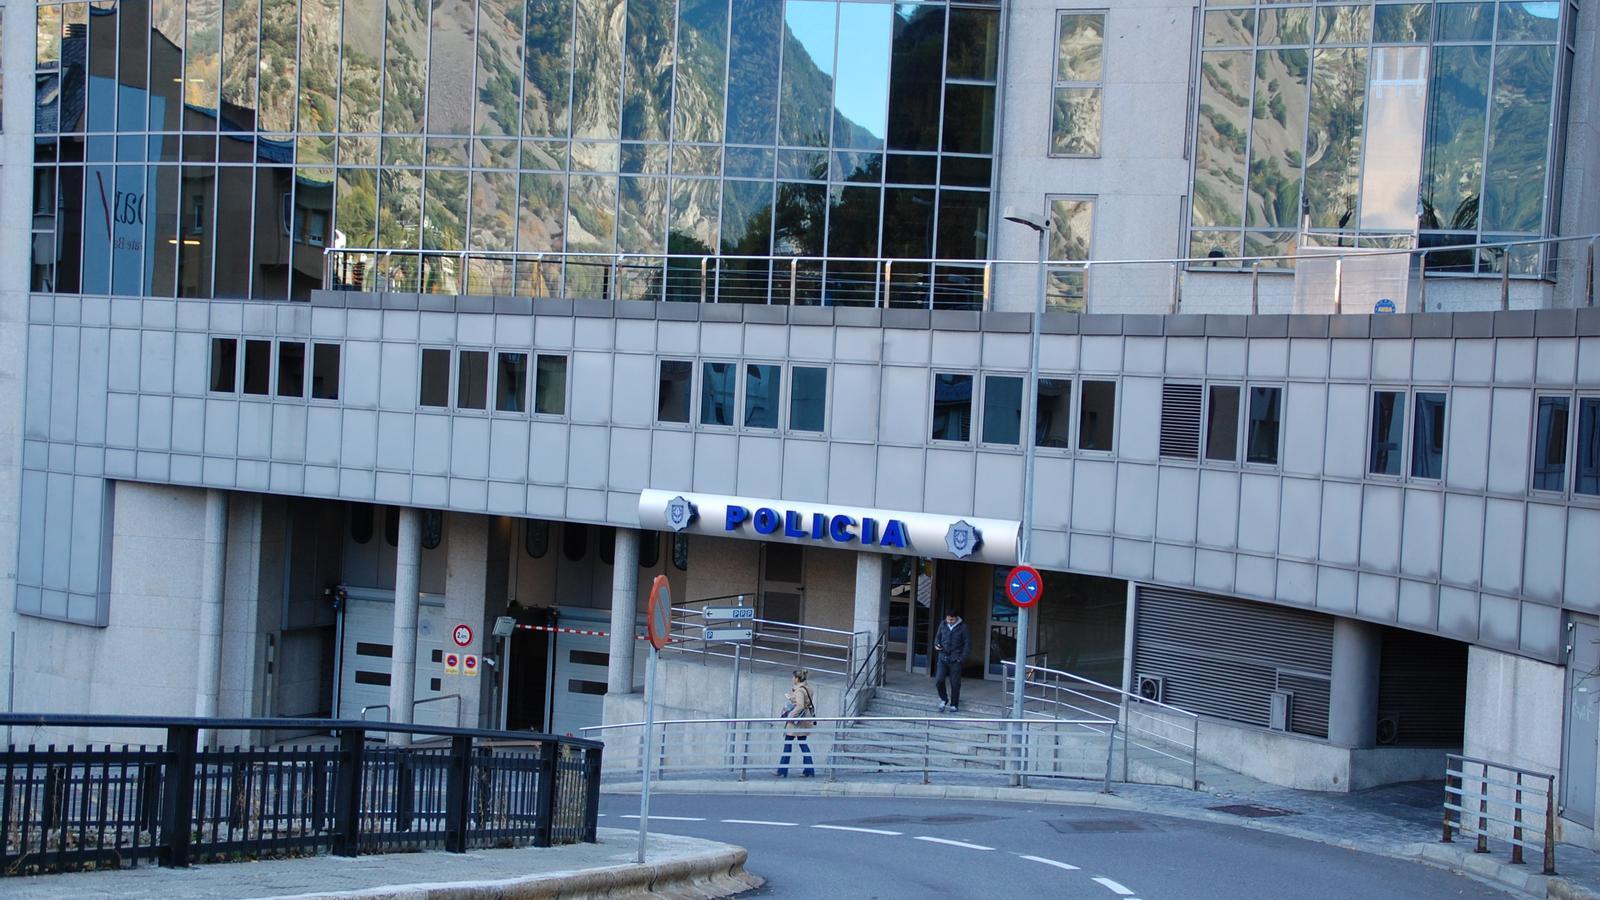 L'edifici de la policia. / ARXIU